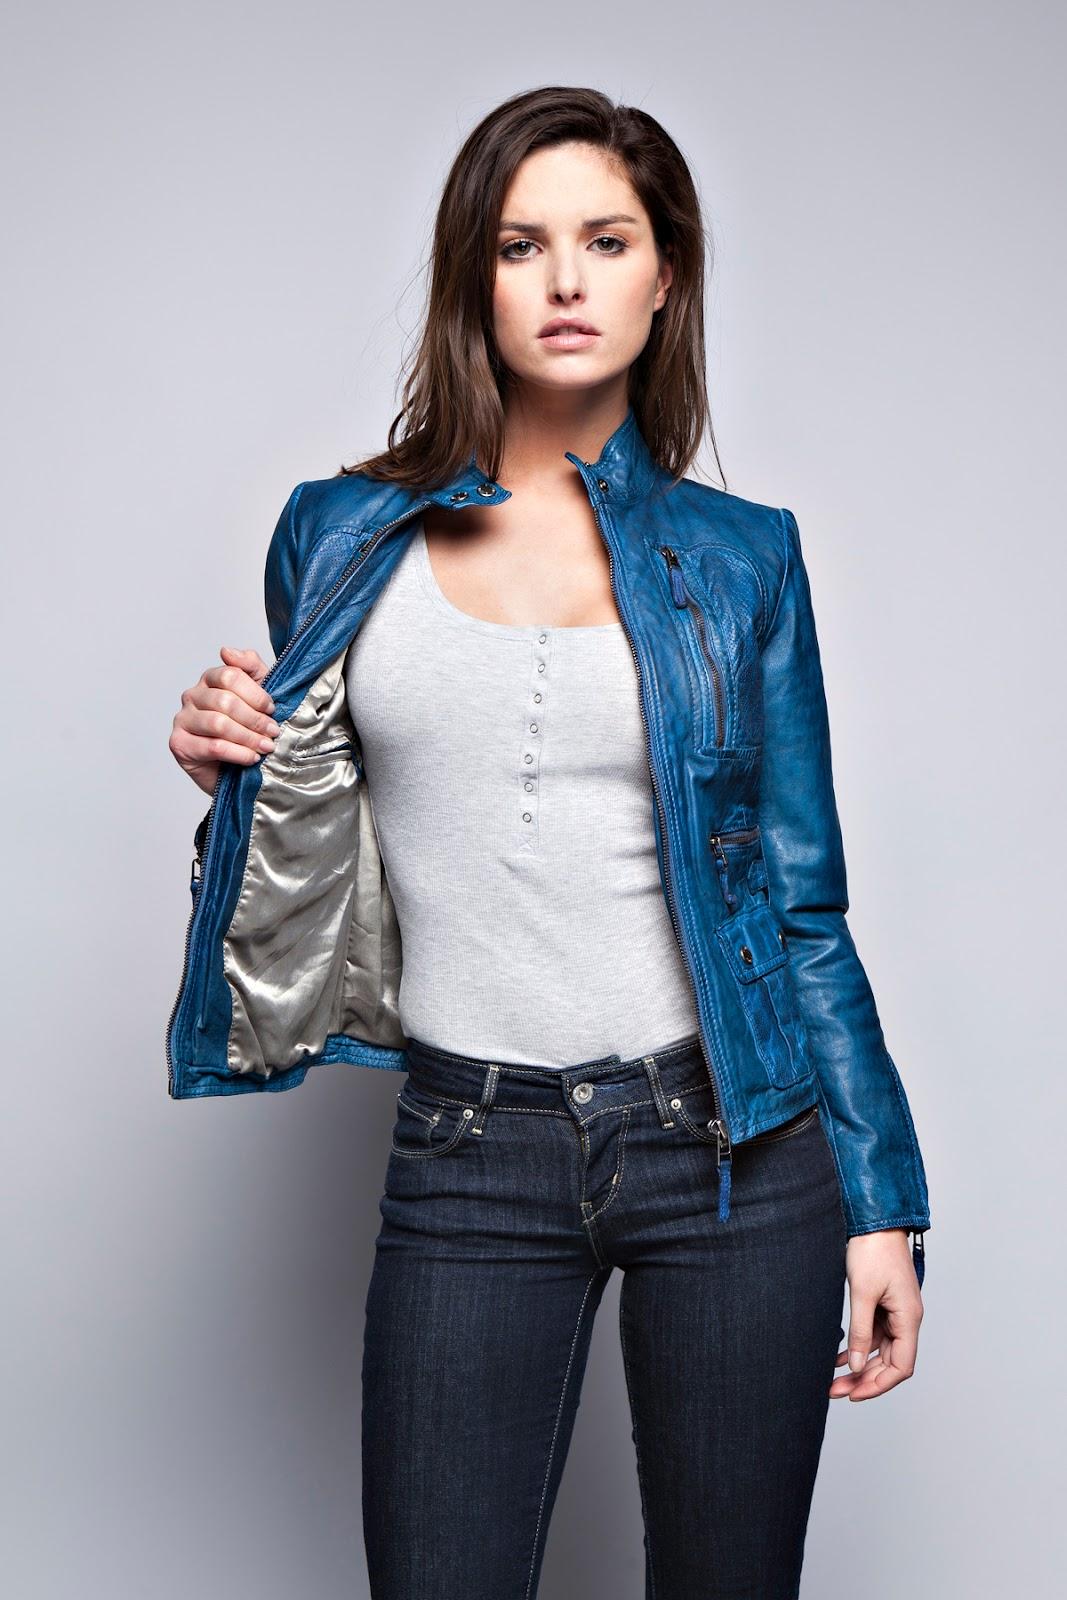 Retrouvez le blouson en cuir Dolce violet pour femme sur notre boutique  Prestige Cuir   Cliquez ici ! 878daa38054